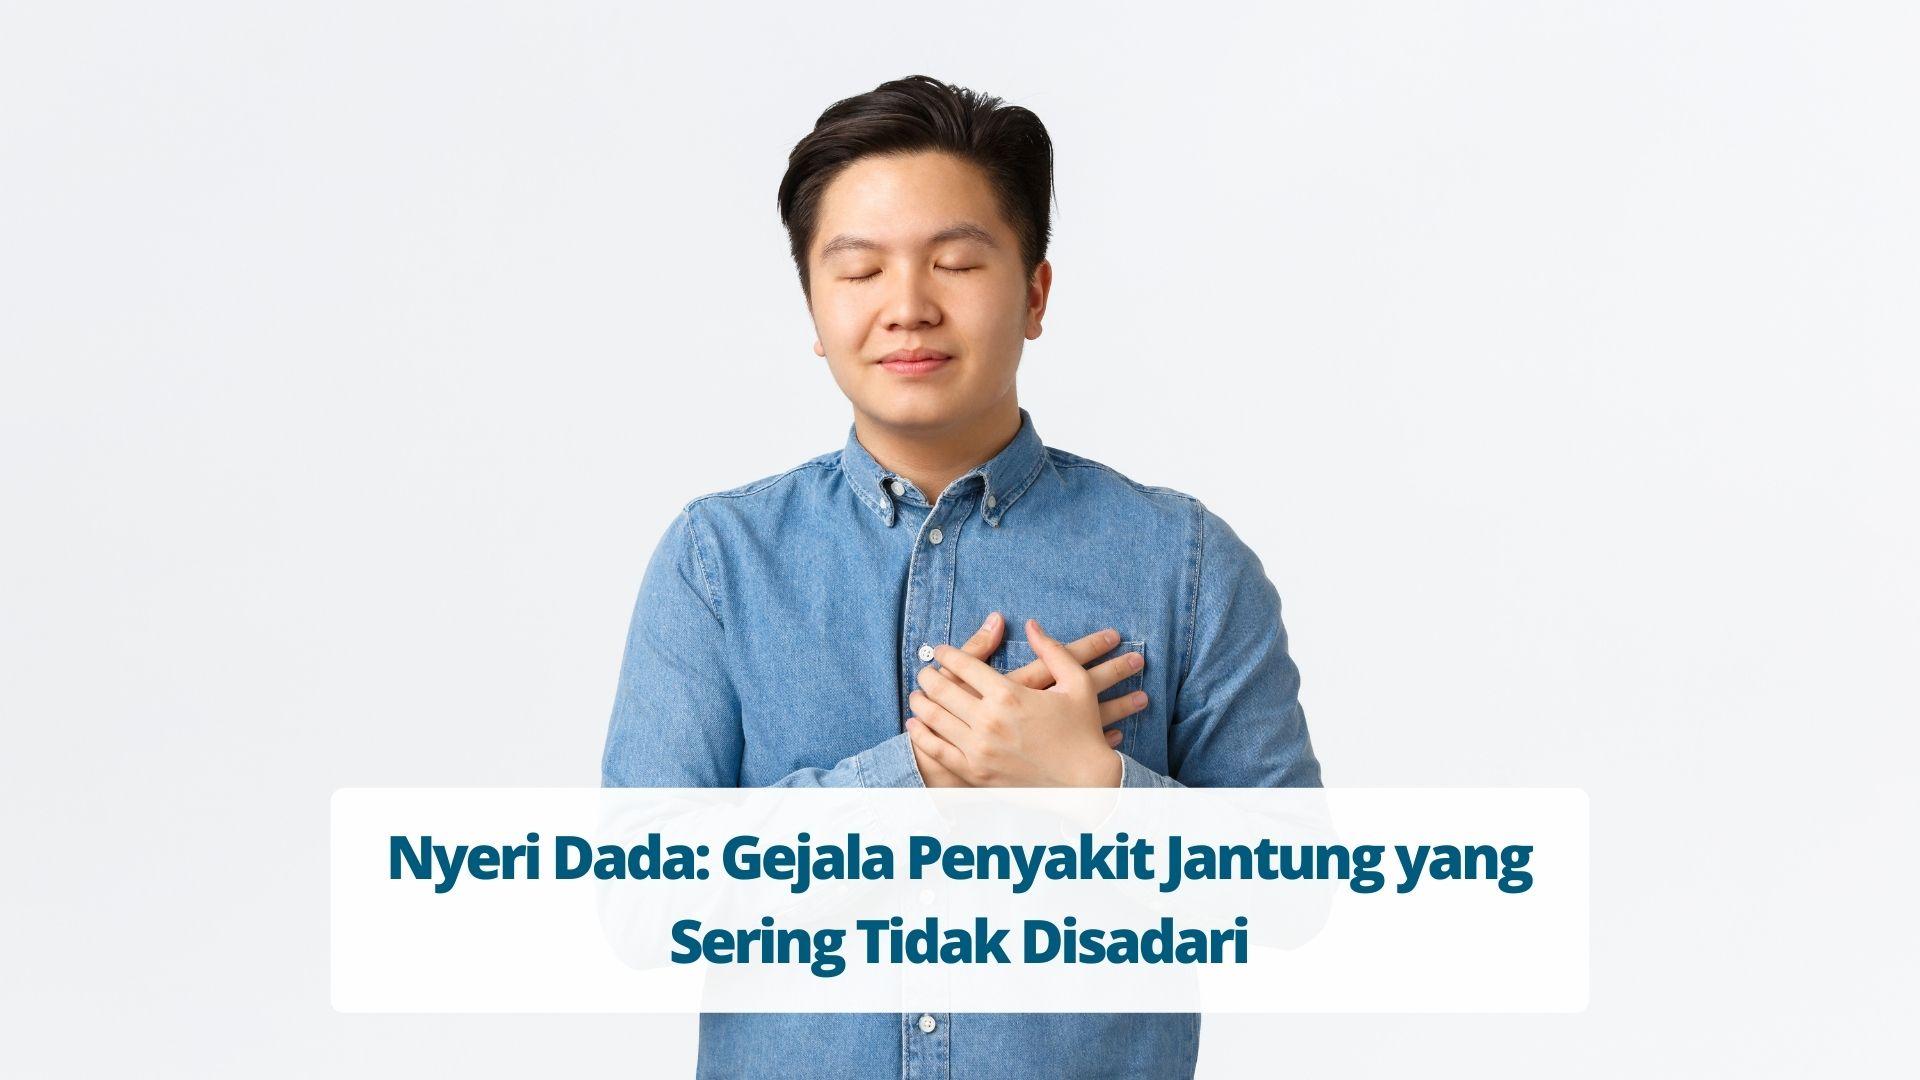 Nyeri Dada: Gejala Penyakit Jantung yang Sering Tidak Disadari